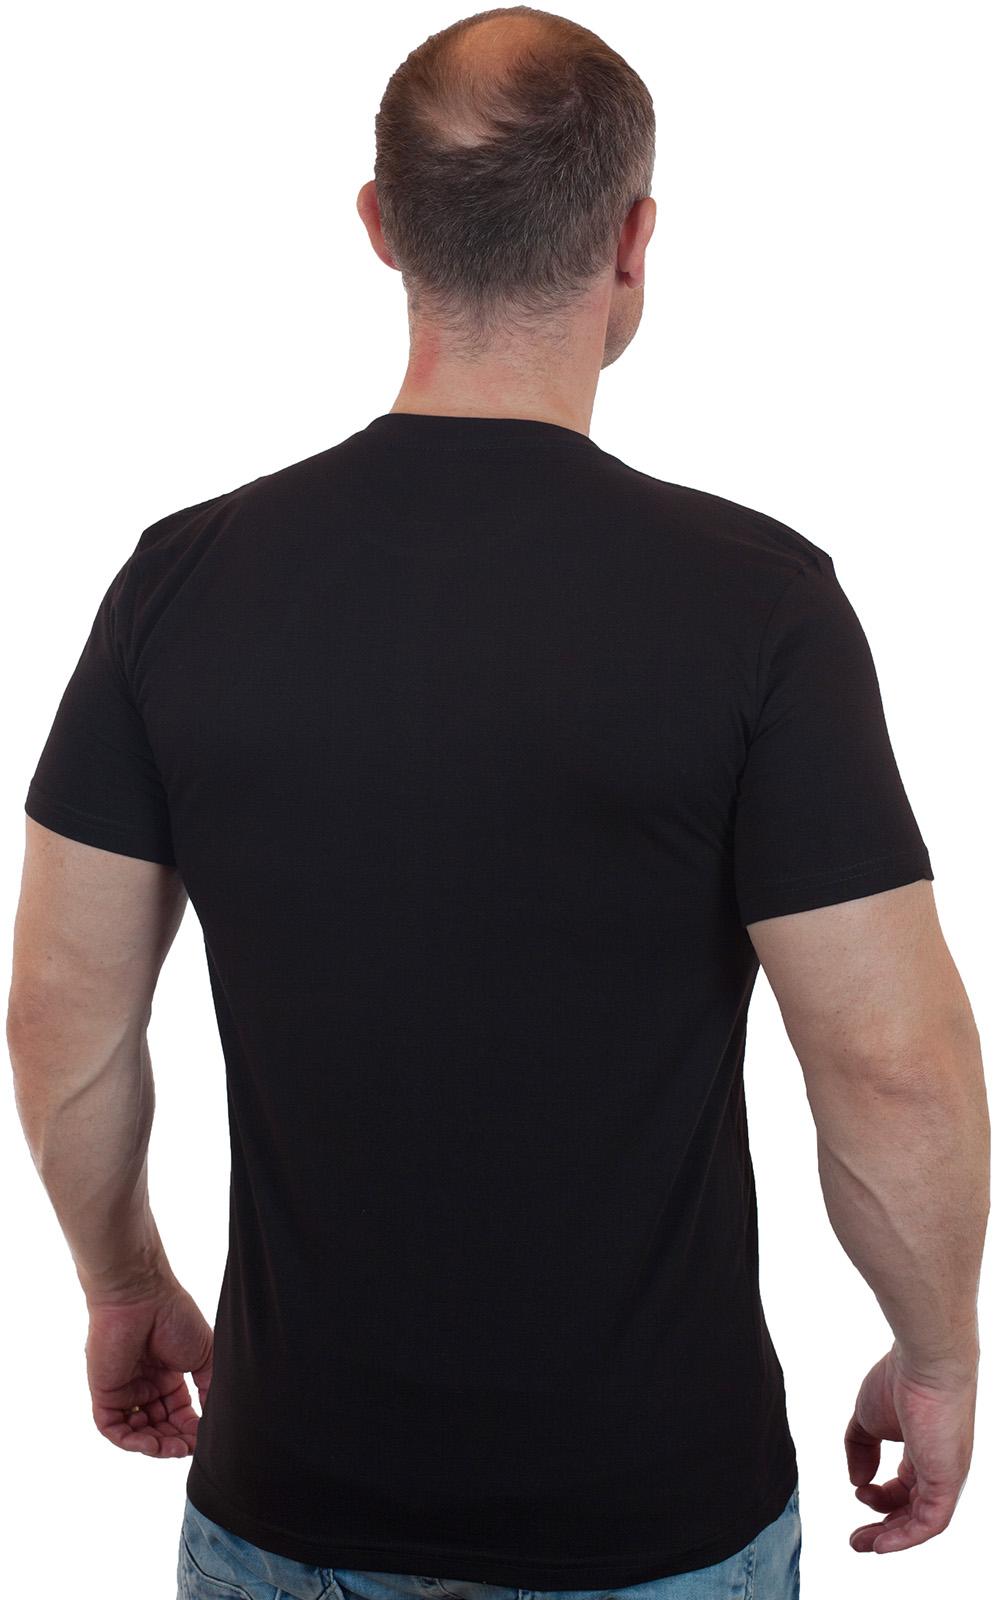 Хлопковая черная футболка с вышитой эмблемой 76 Черниговская дивизия ВДВ - купить выгодно